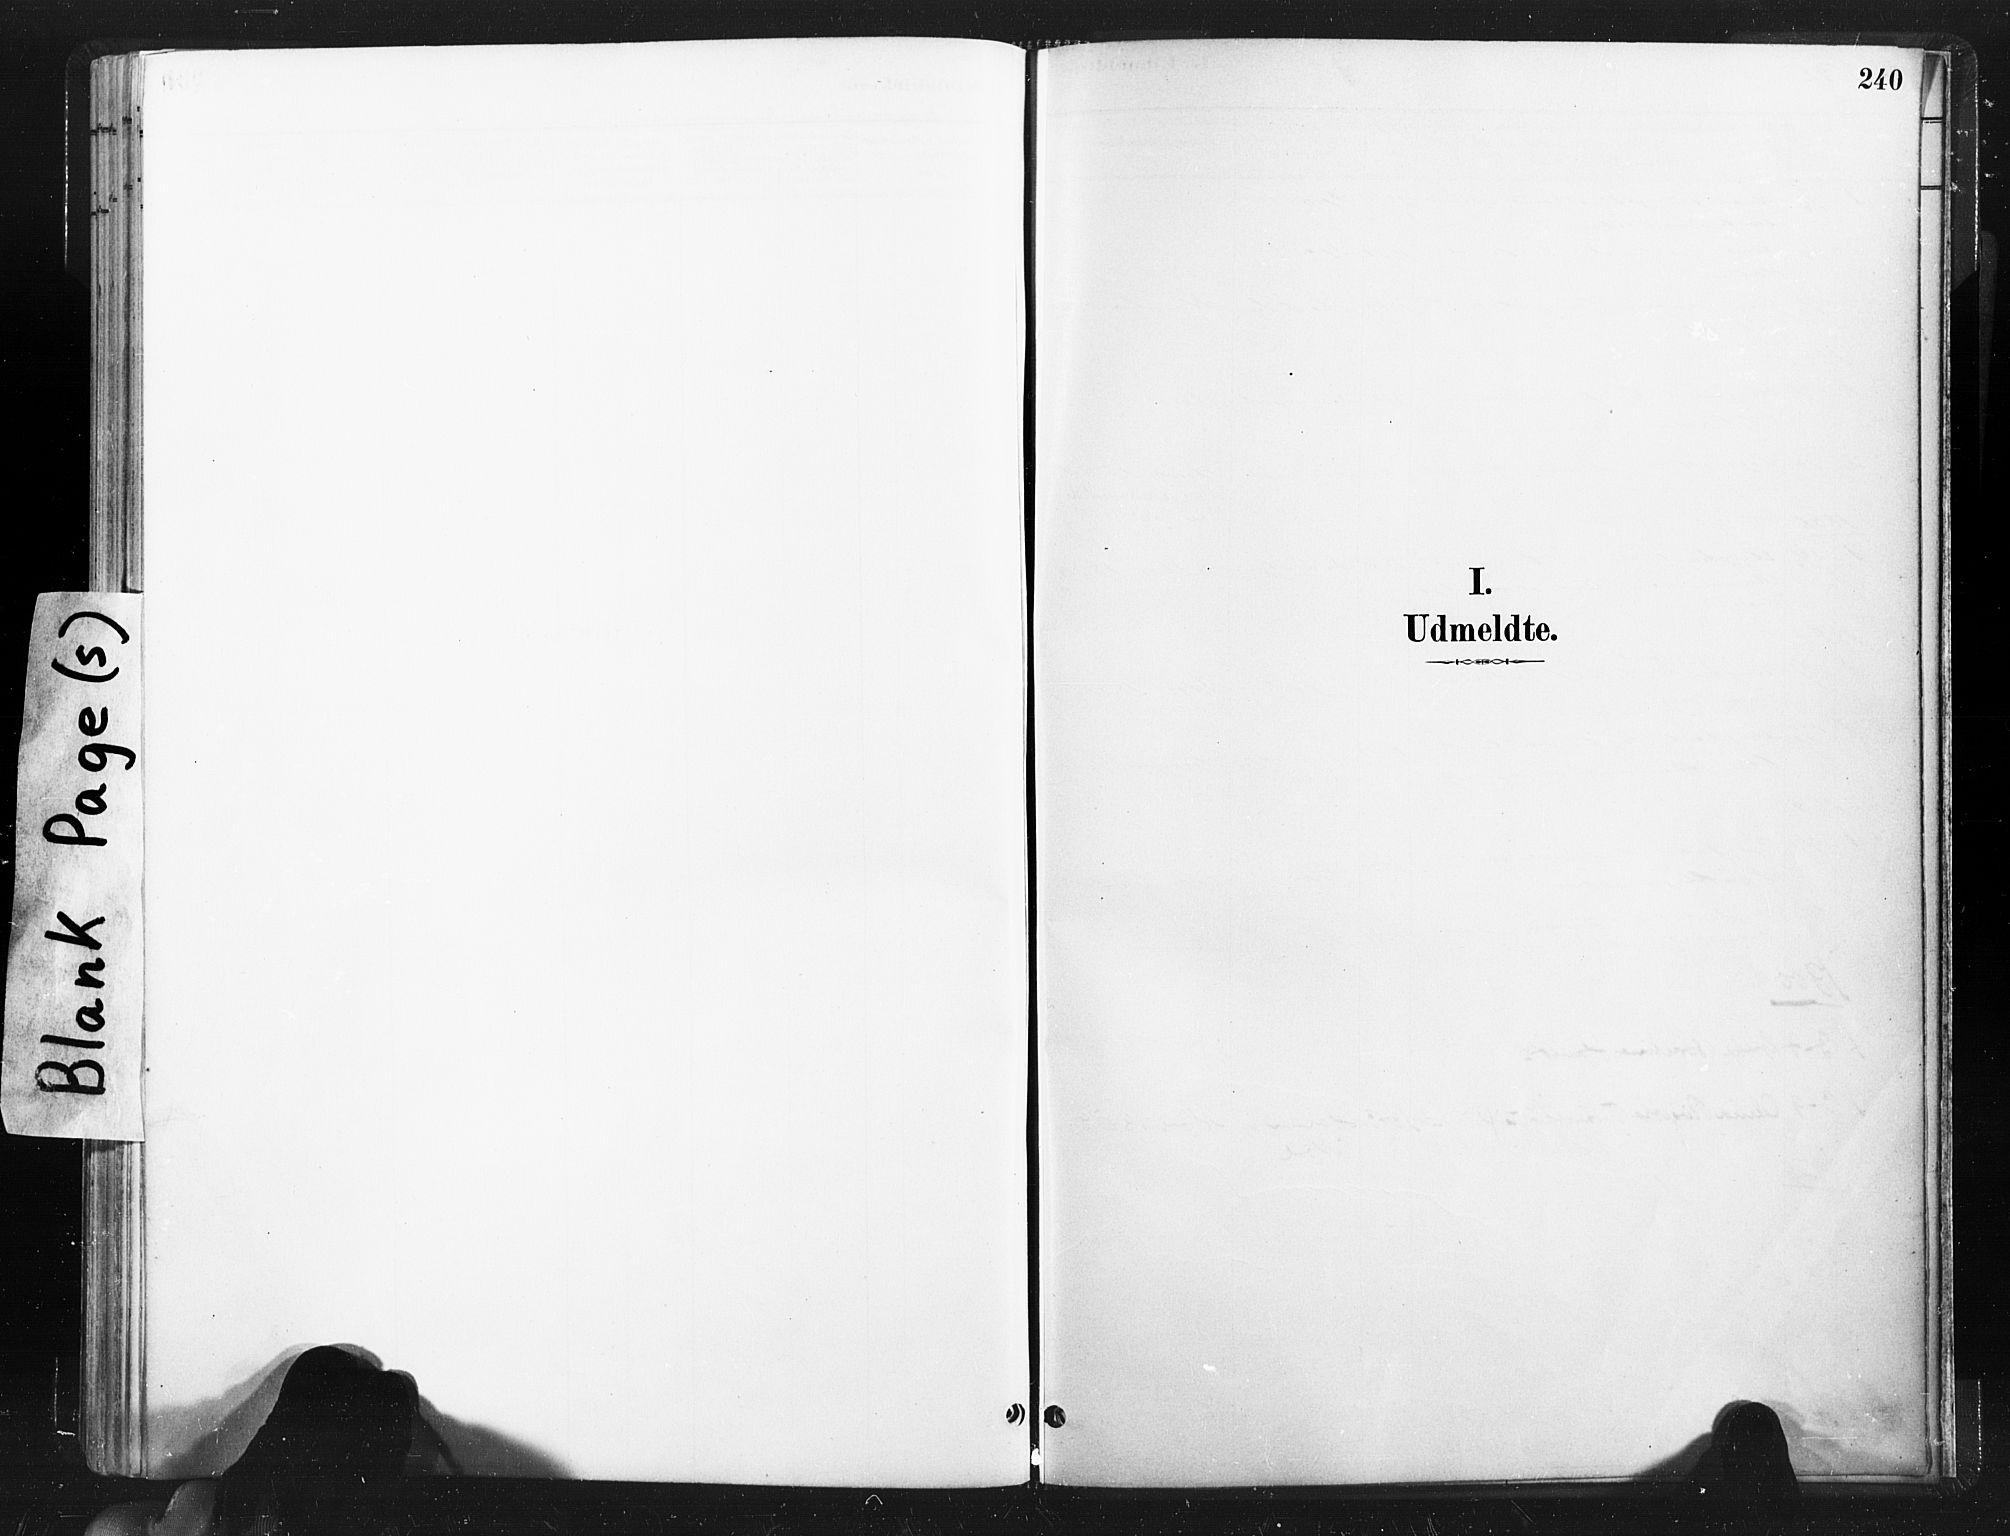 SAT, Ministerialprotokoller, klokkerbøker og fødselsregistre - Nord-Trøndelag, 736/L0361: Ministerialbok nr. 736A01, 1884-1906, s. 240